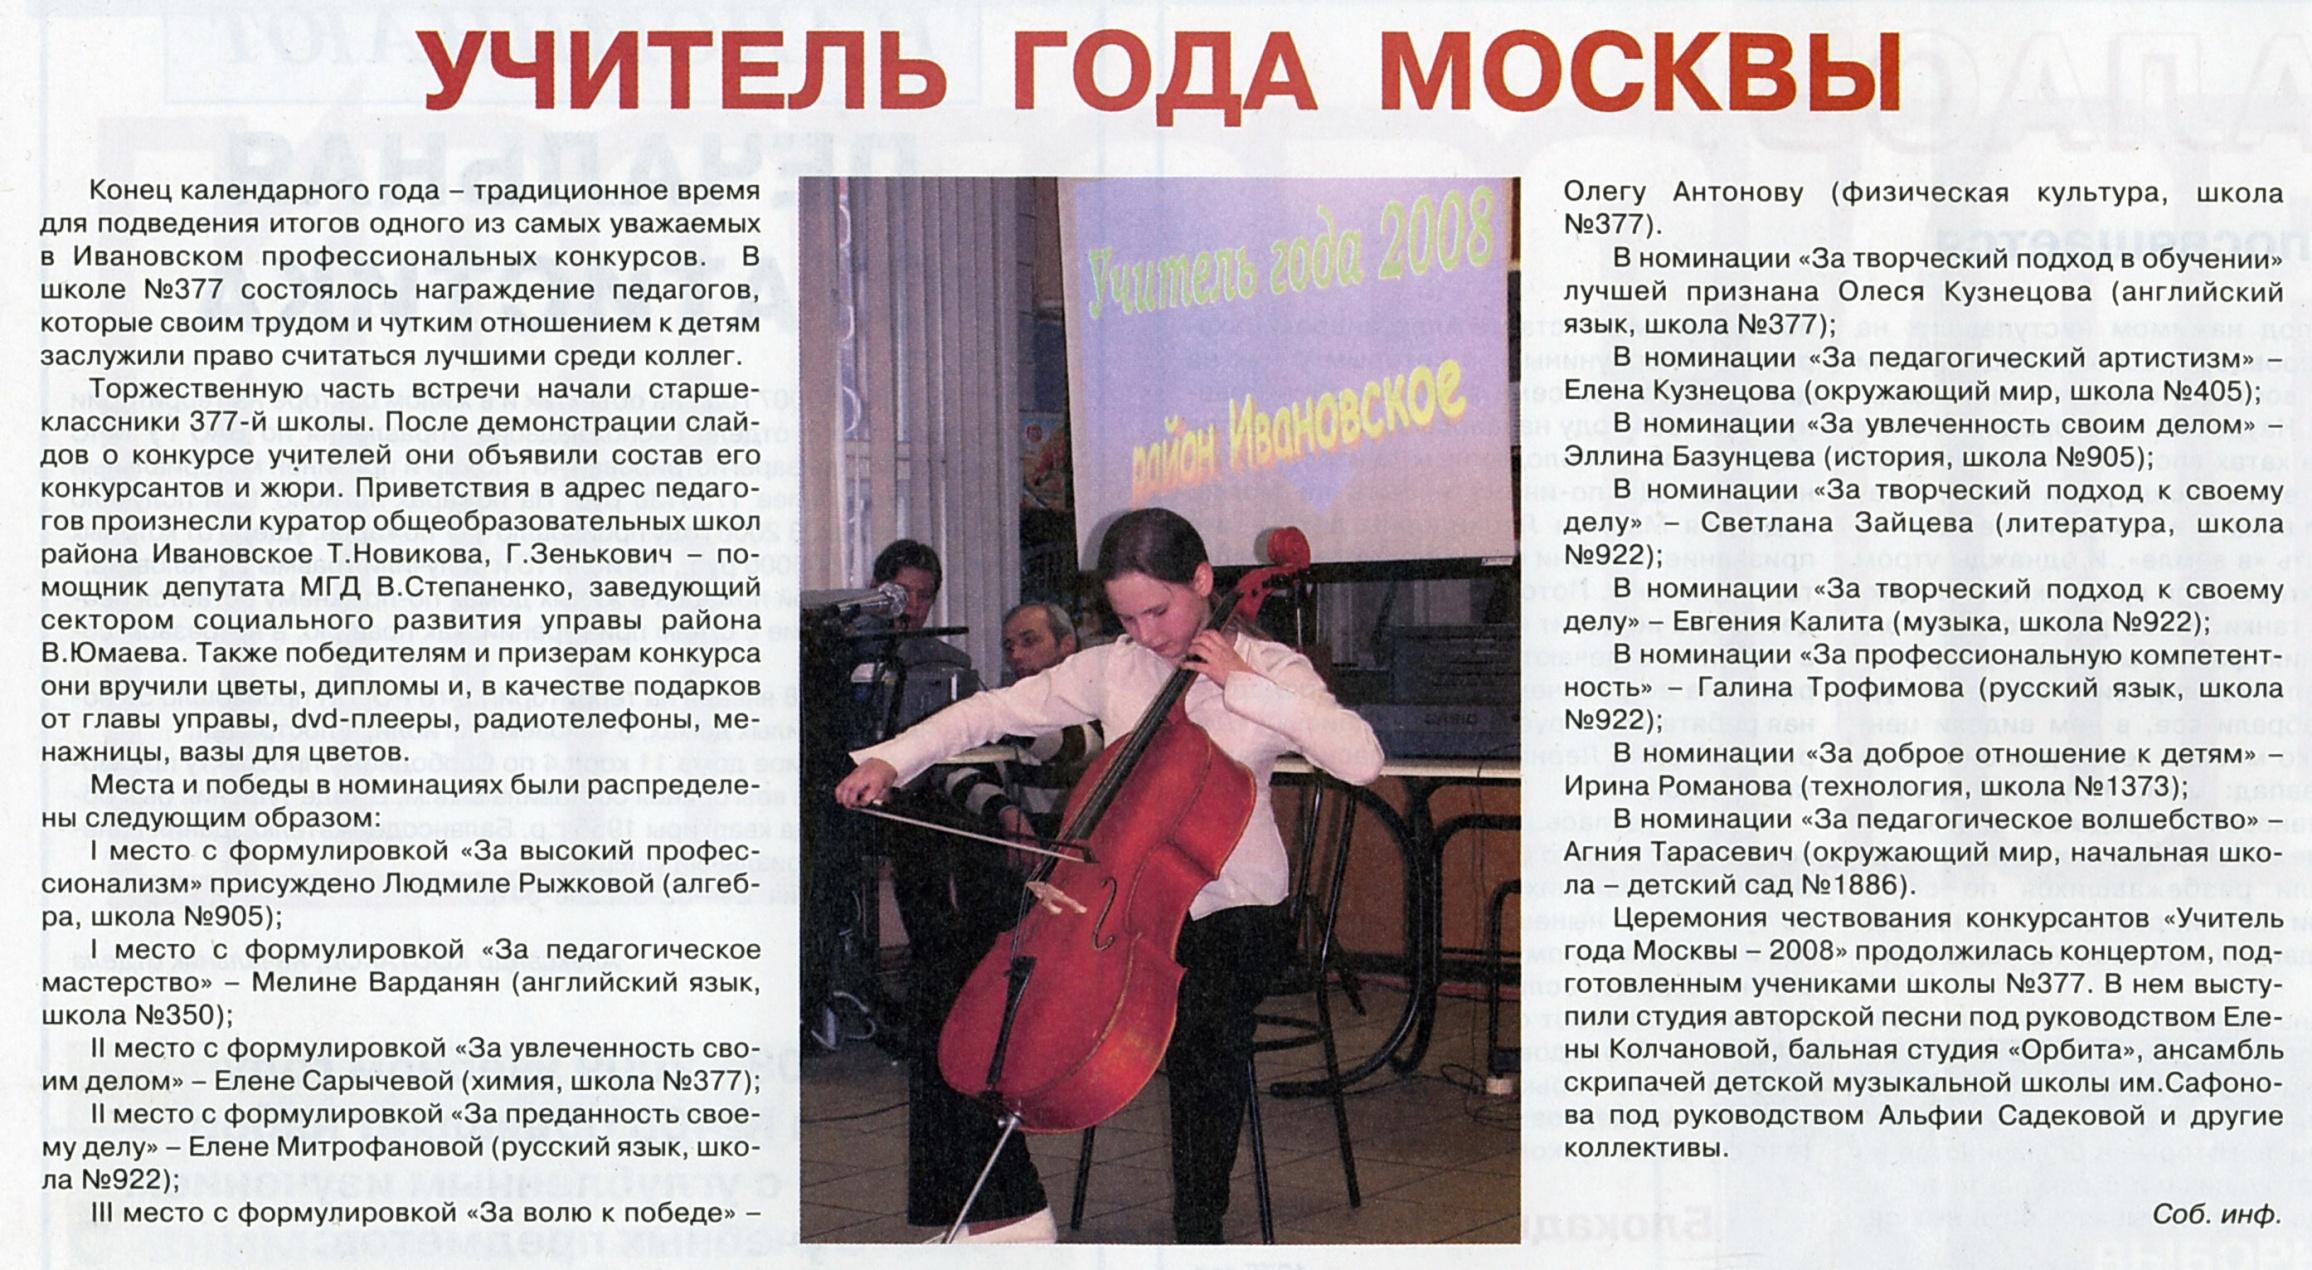 Статья о Учителе Года 2008 в газете Ивановское №1.jpg